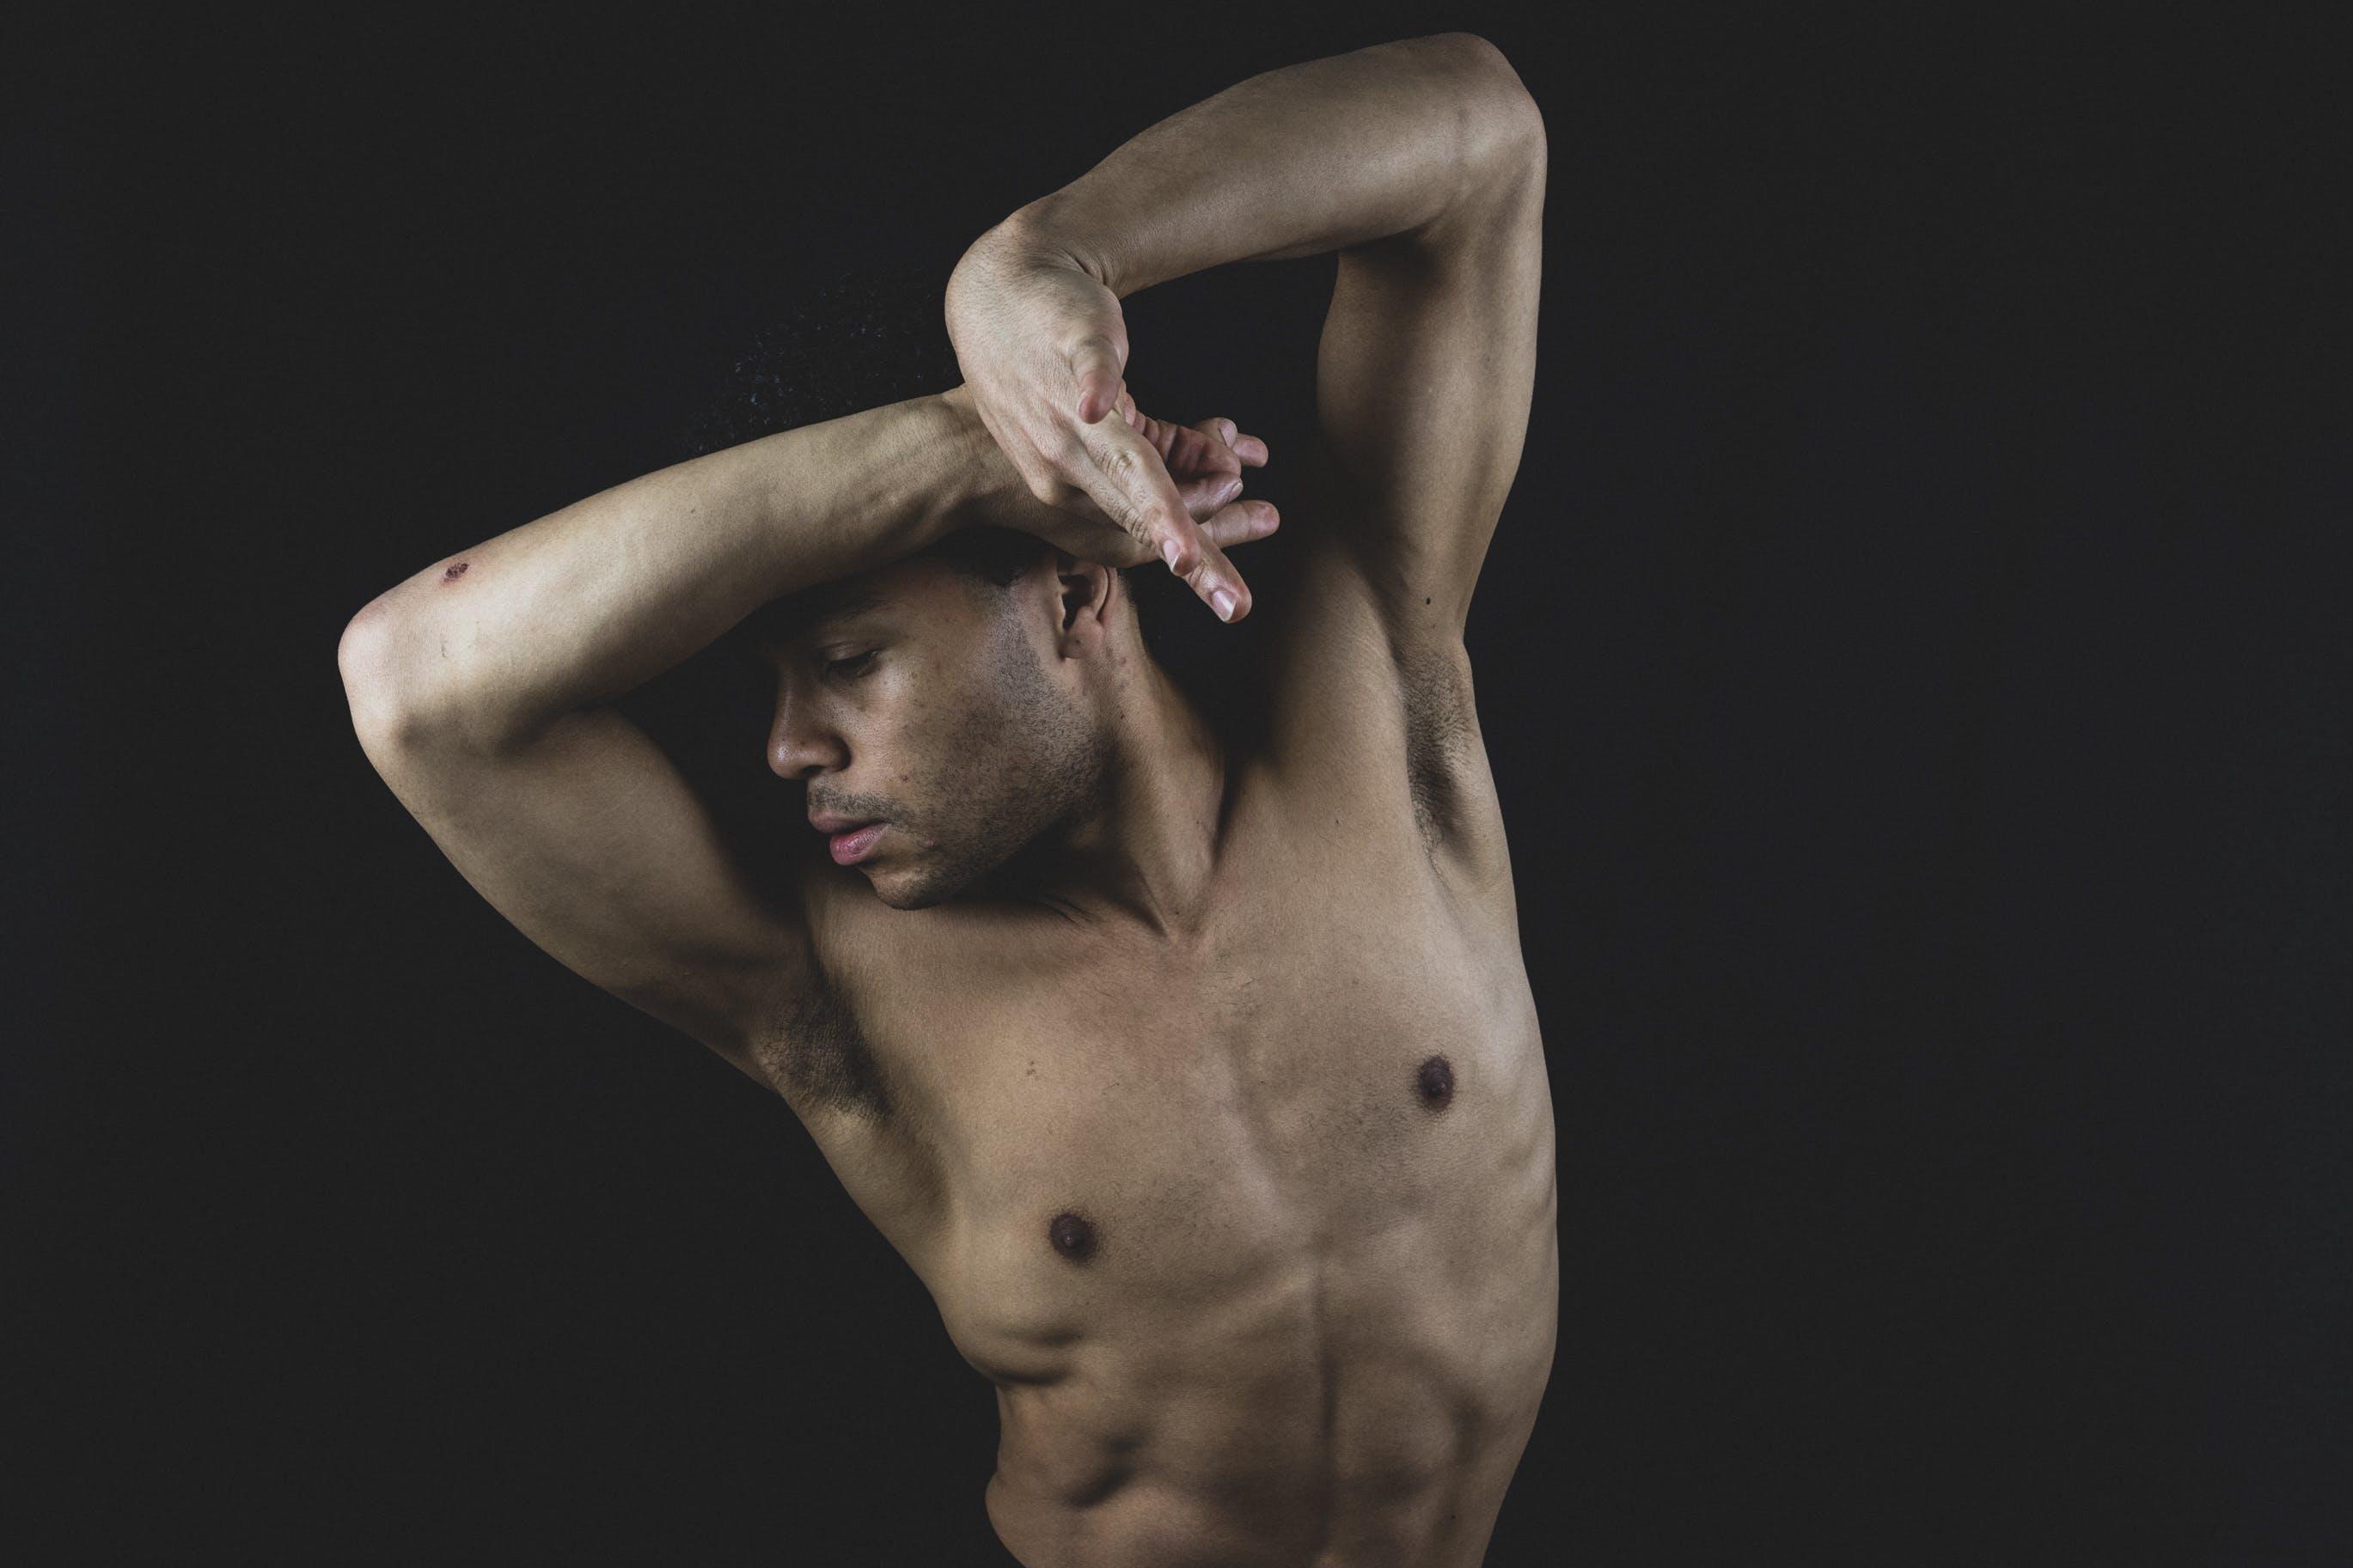 Topless Man Posing